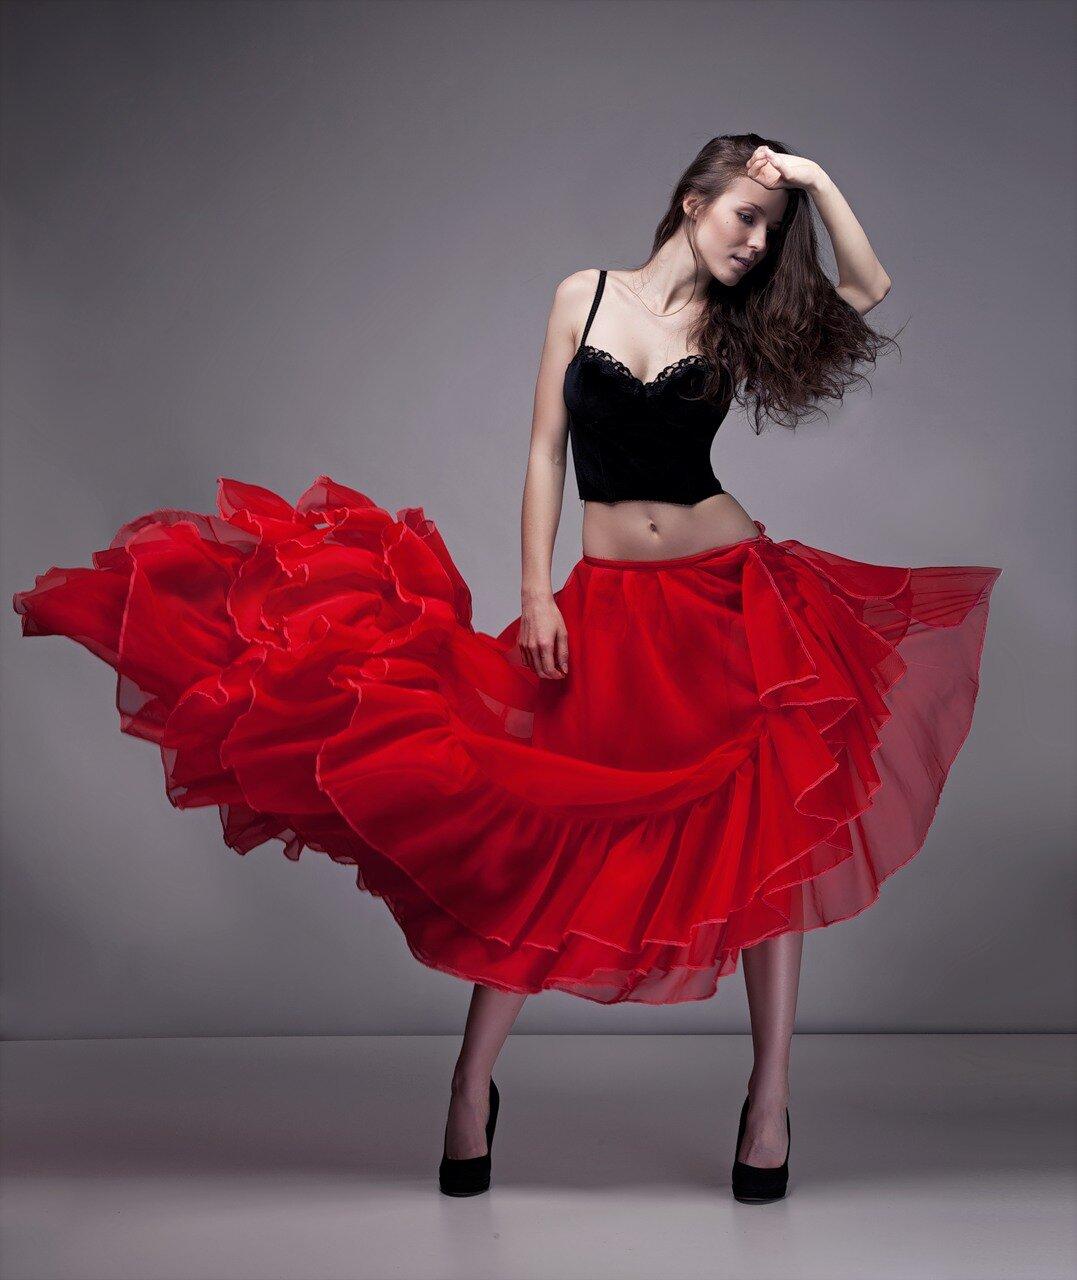 Испанка фото девушек в платье